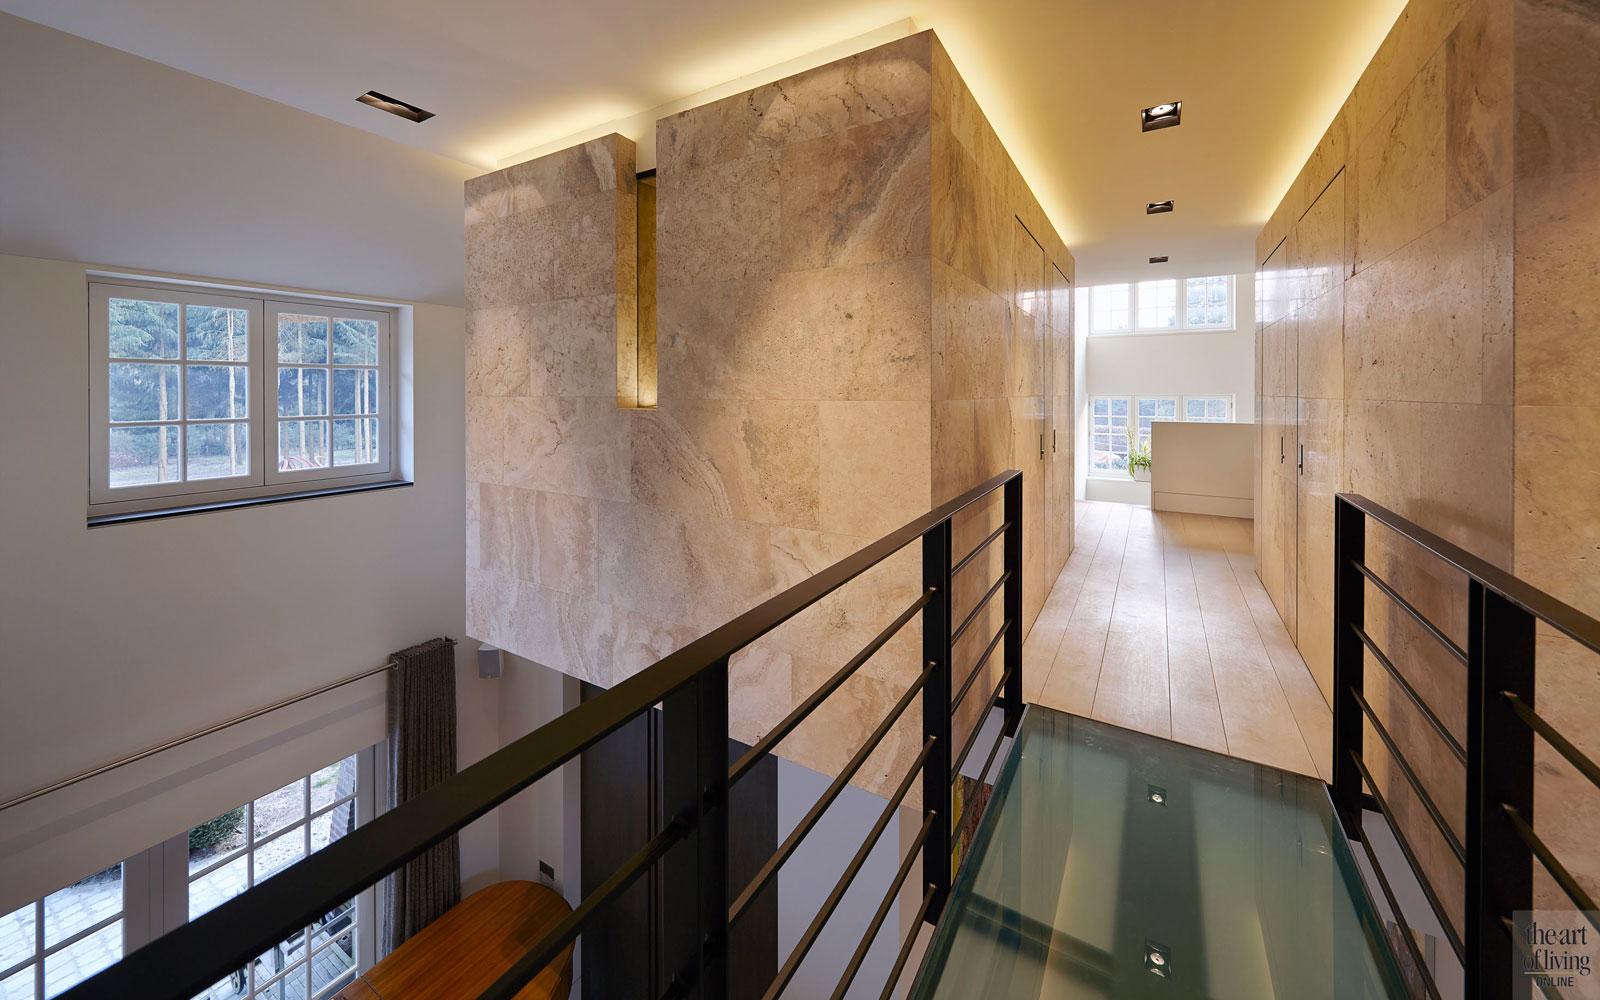 Bovenverdieping, natuursteen, glas, bruggetje, lichtstraat, balustrade, ledverlichting, oud ontmoet nieuw, VVR Architecten